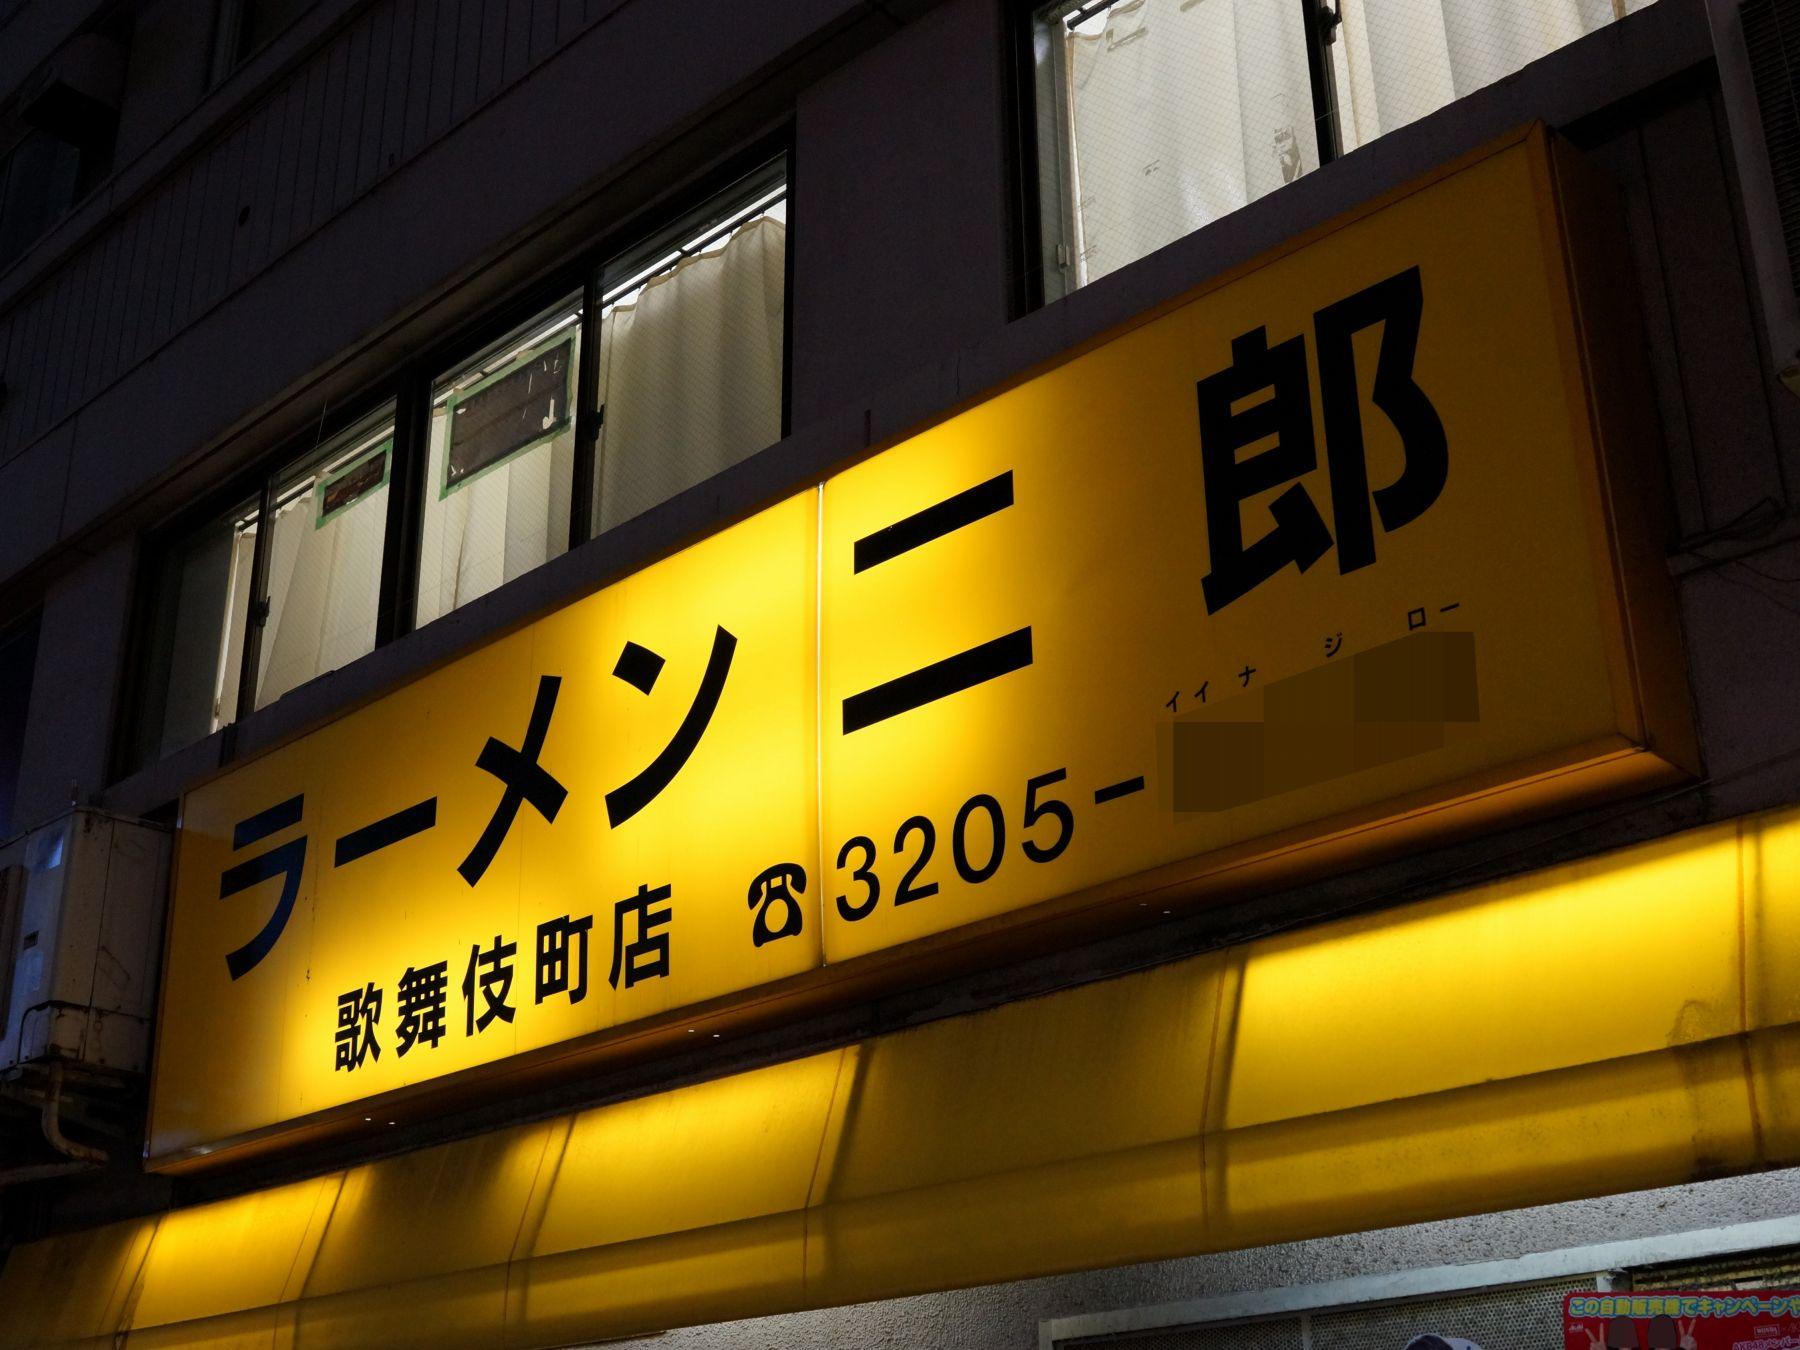 20121213001kabuki.jpg